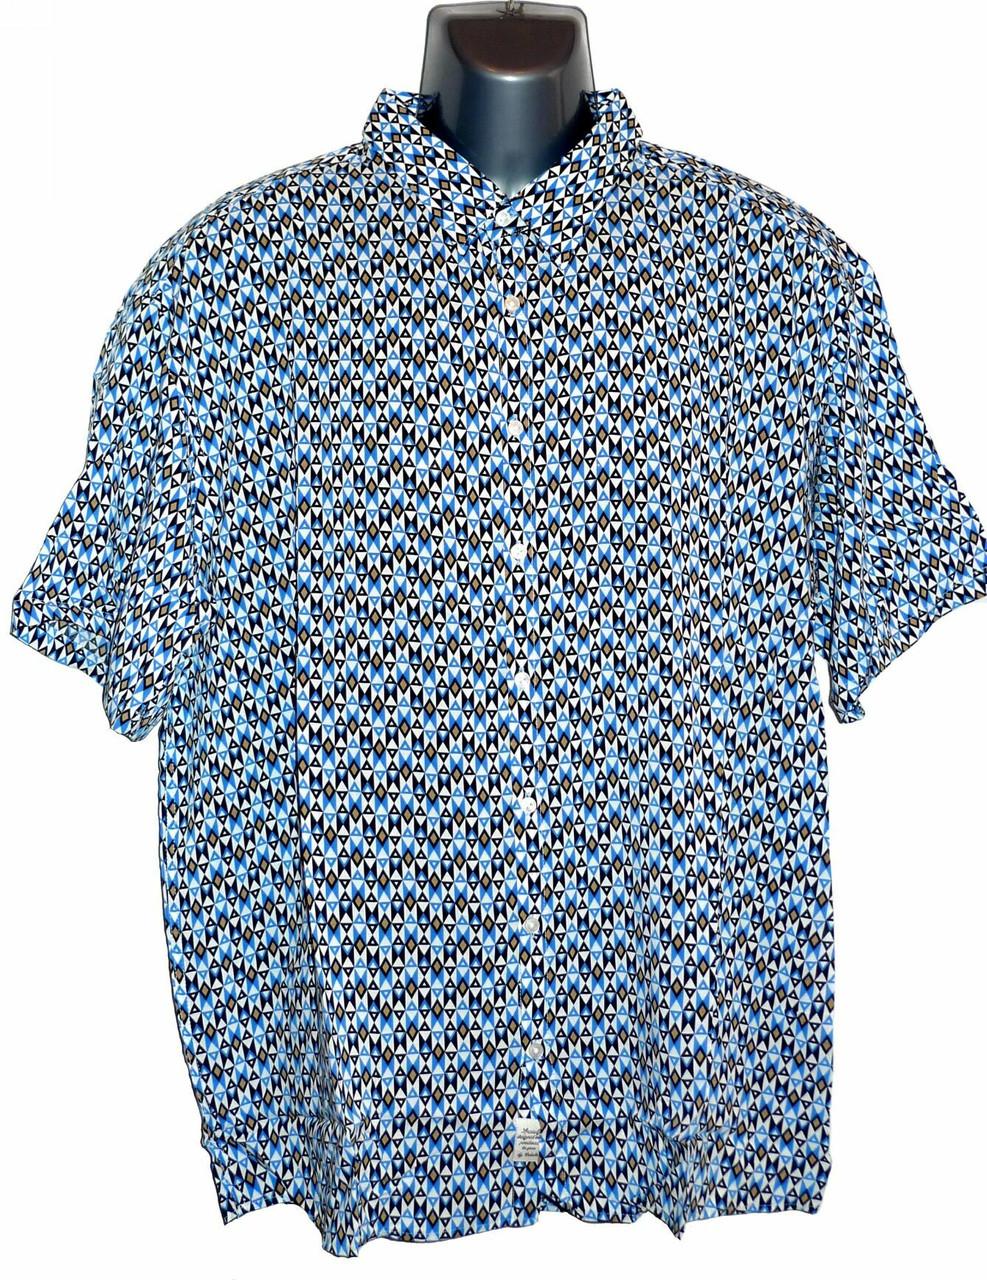 Сорочка мужская большой размер (Турция)